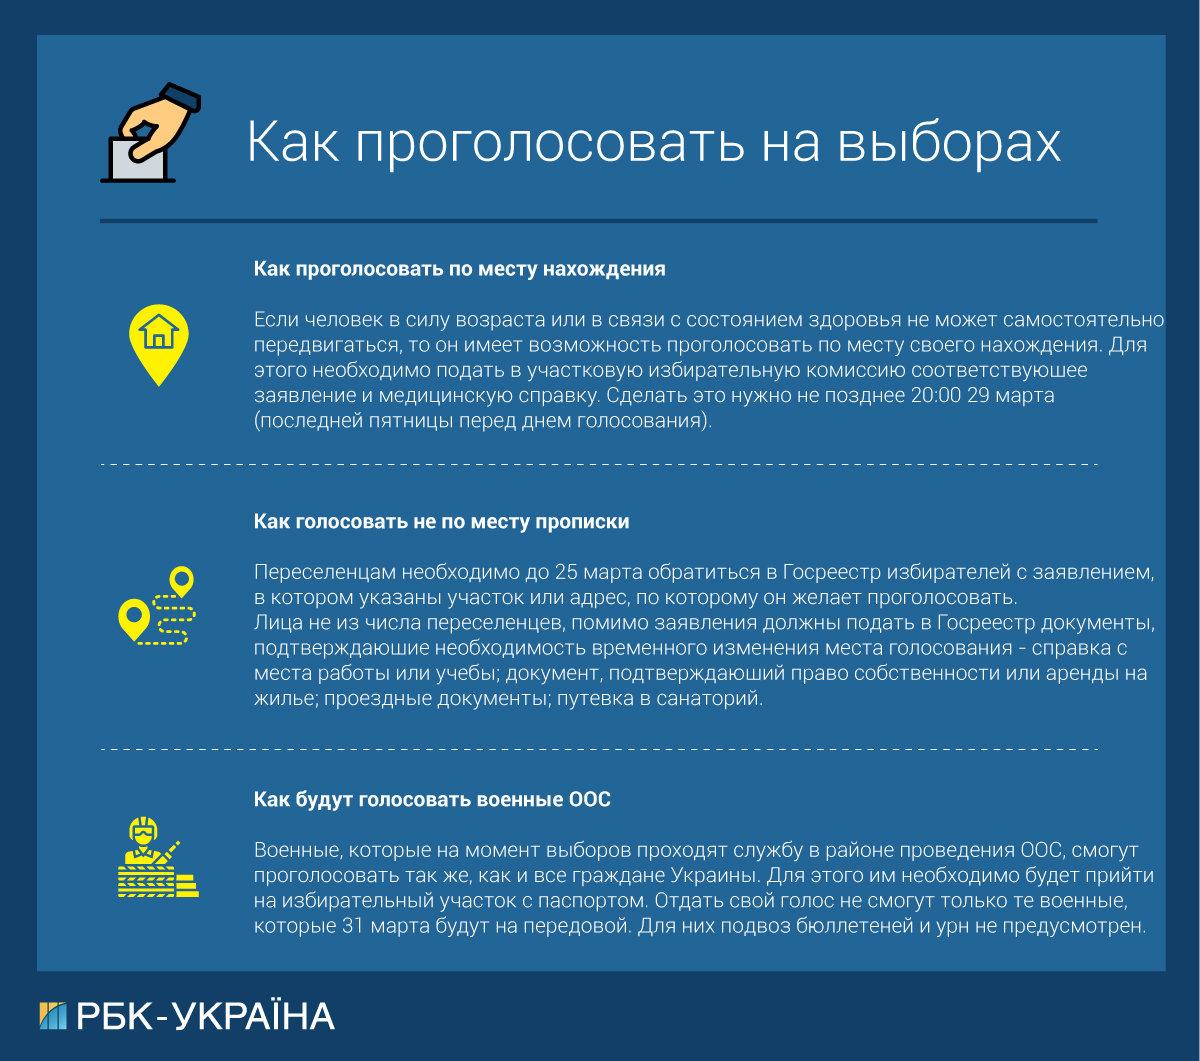 Как проголосовать на выборах 2019: инструкция, фото-2